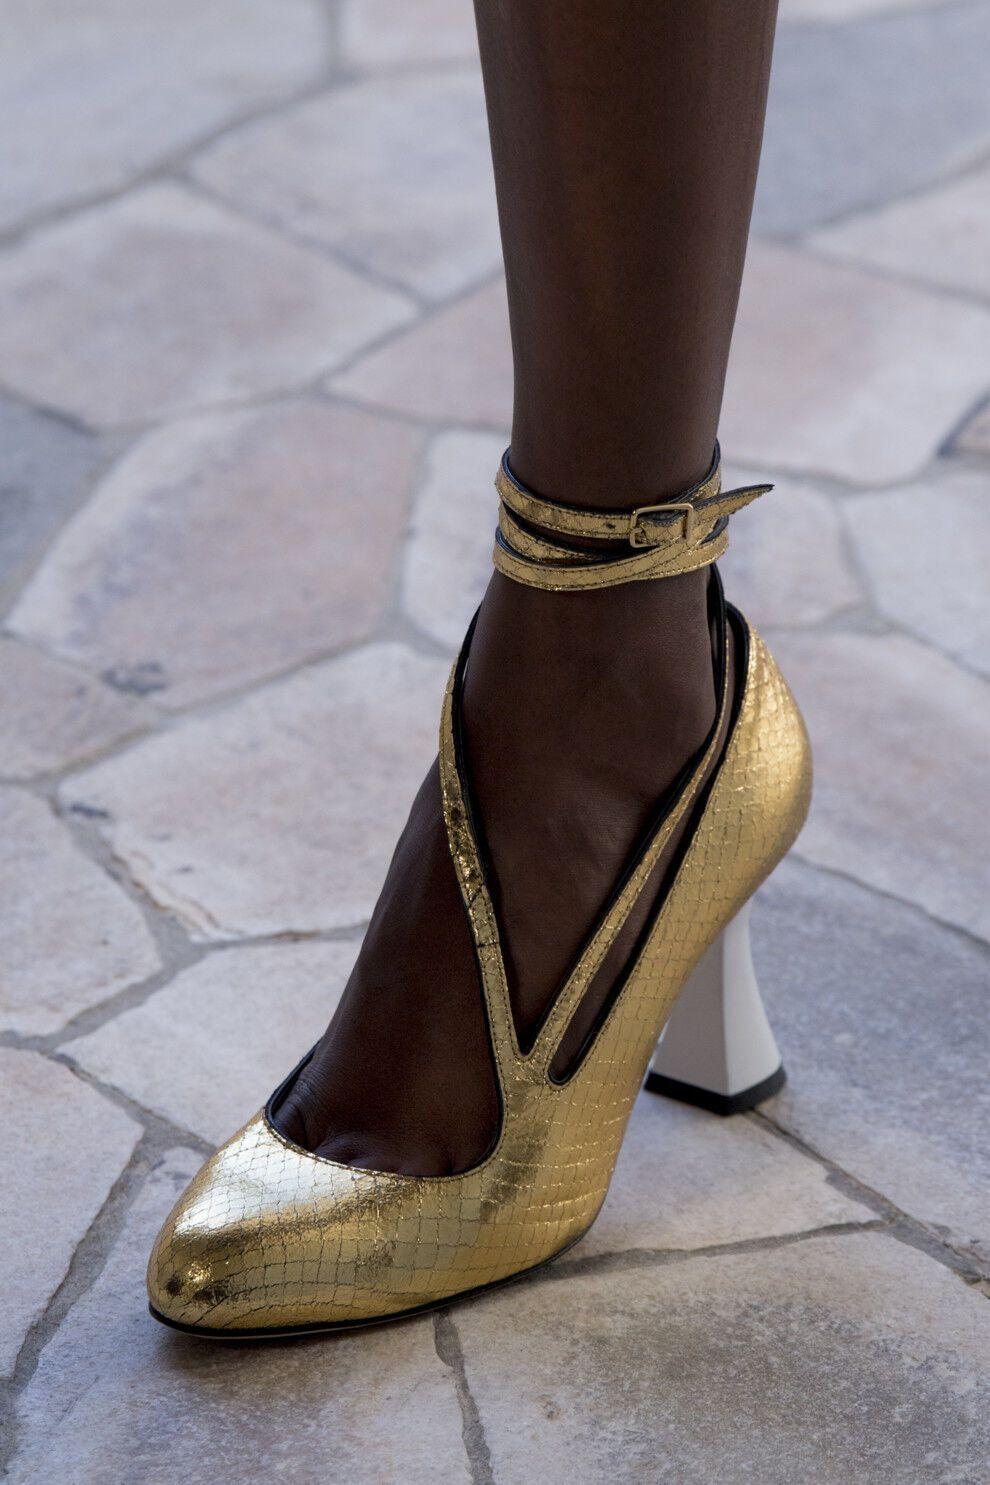 Відмітною деталлю актуальних туфель цієї весни є ремінці на щиколотках